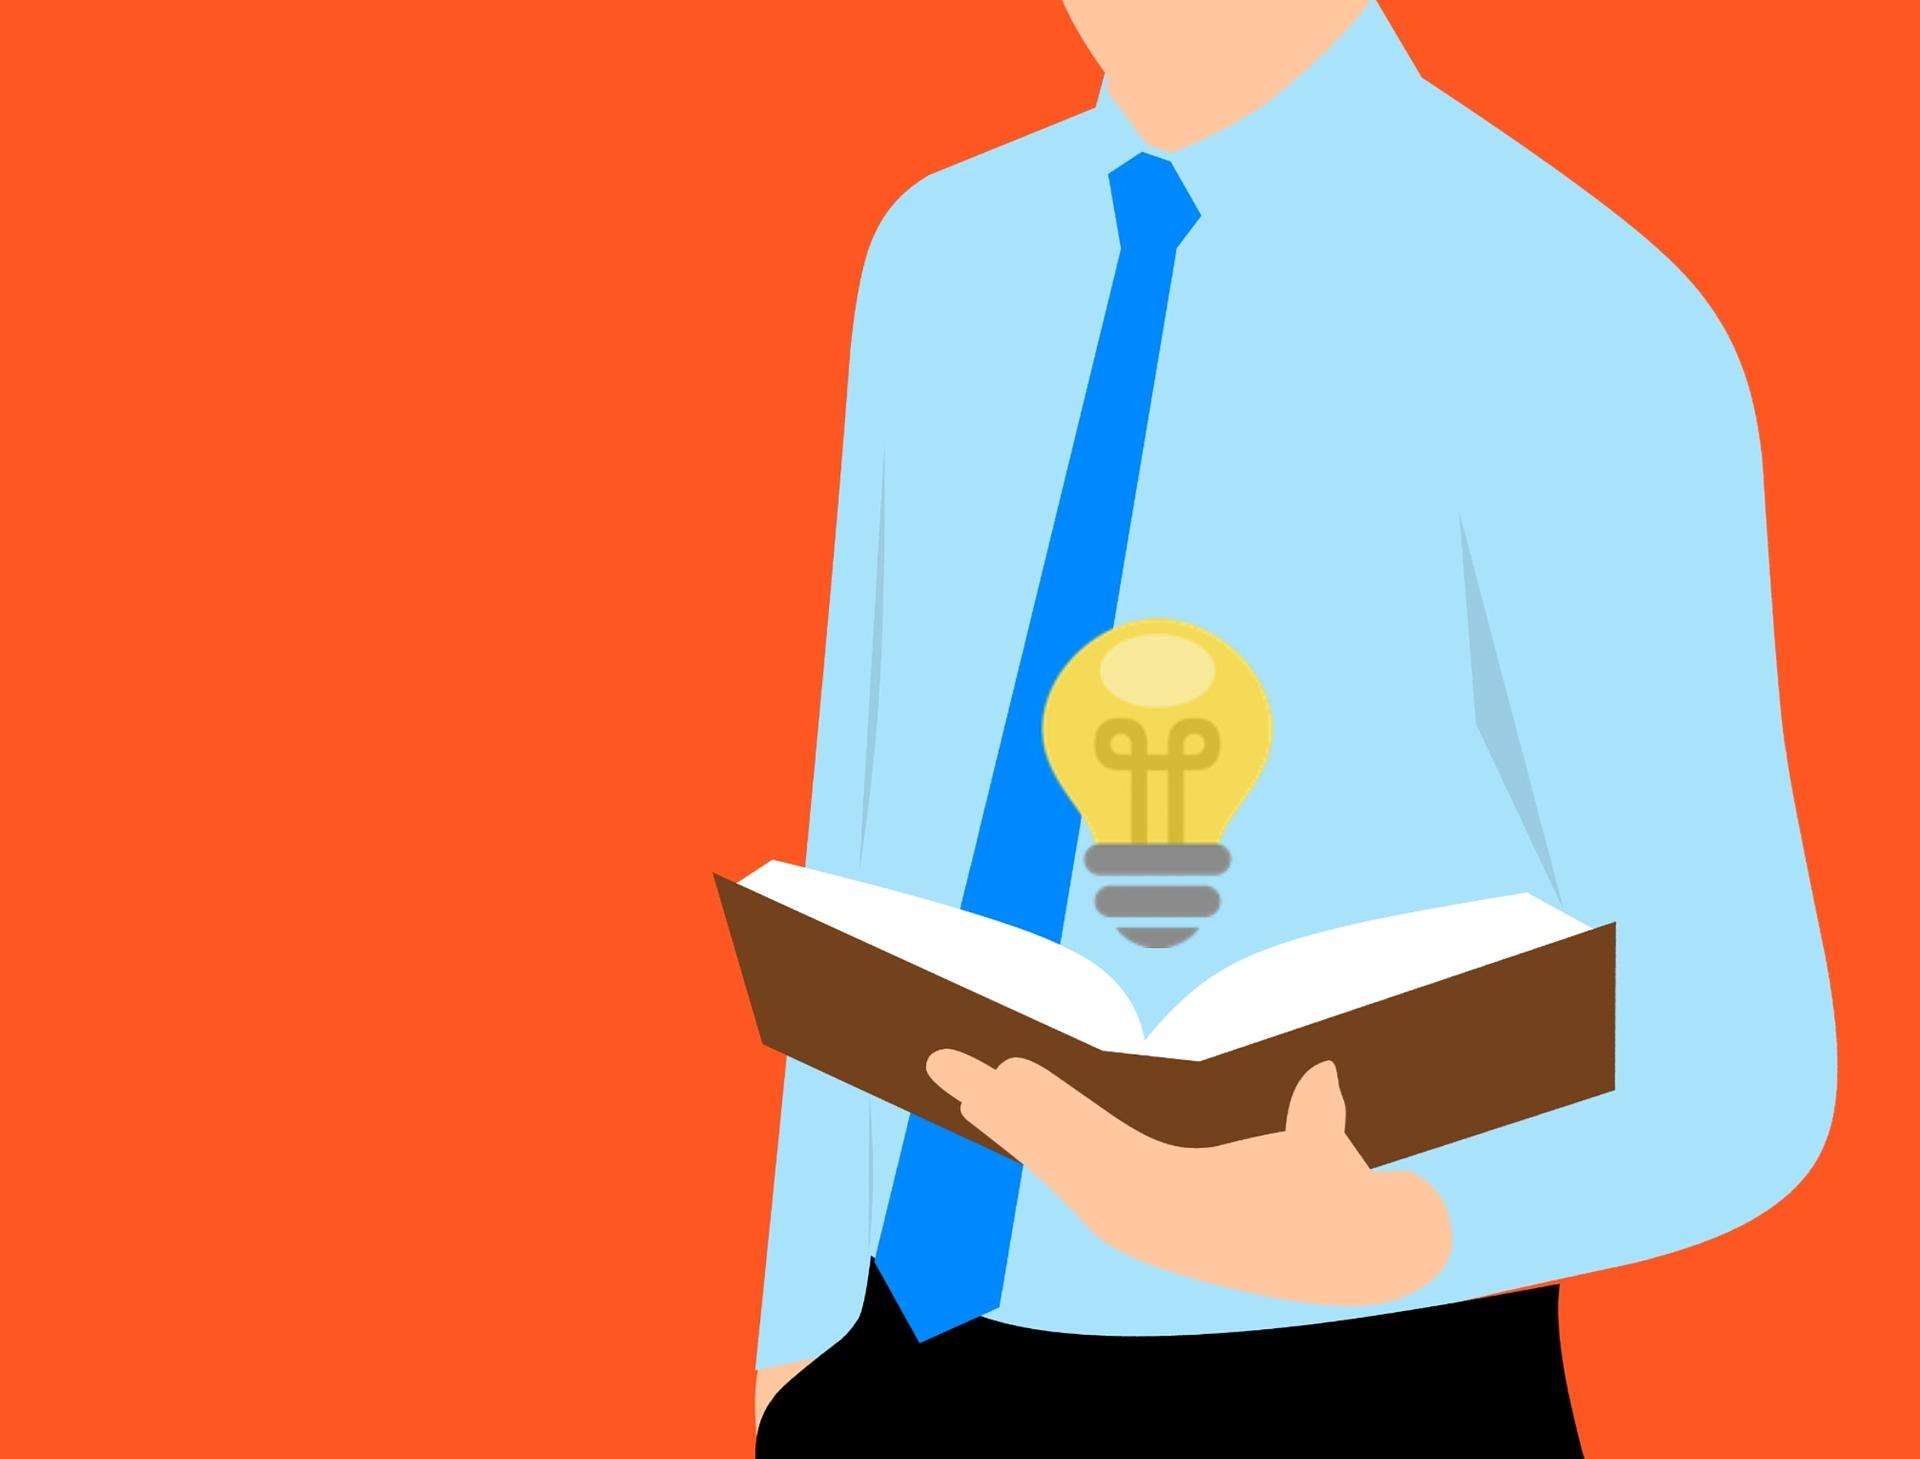 ブログの文章を読みやすくする修正方法2つ